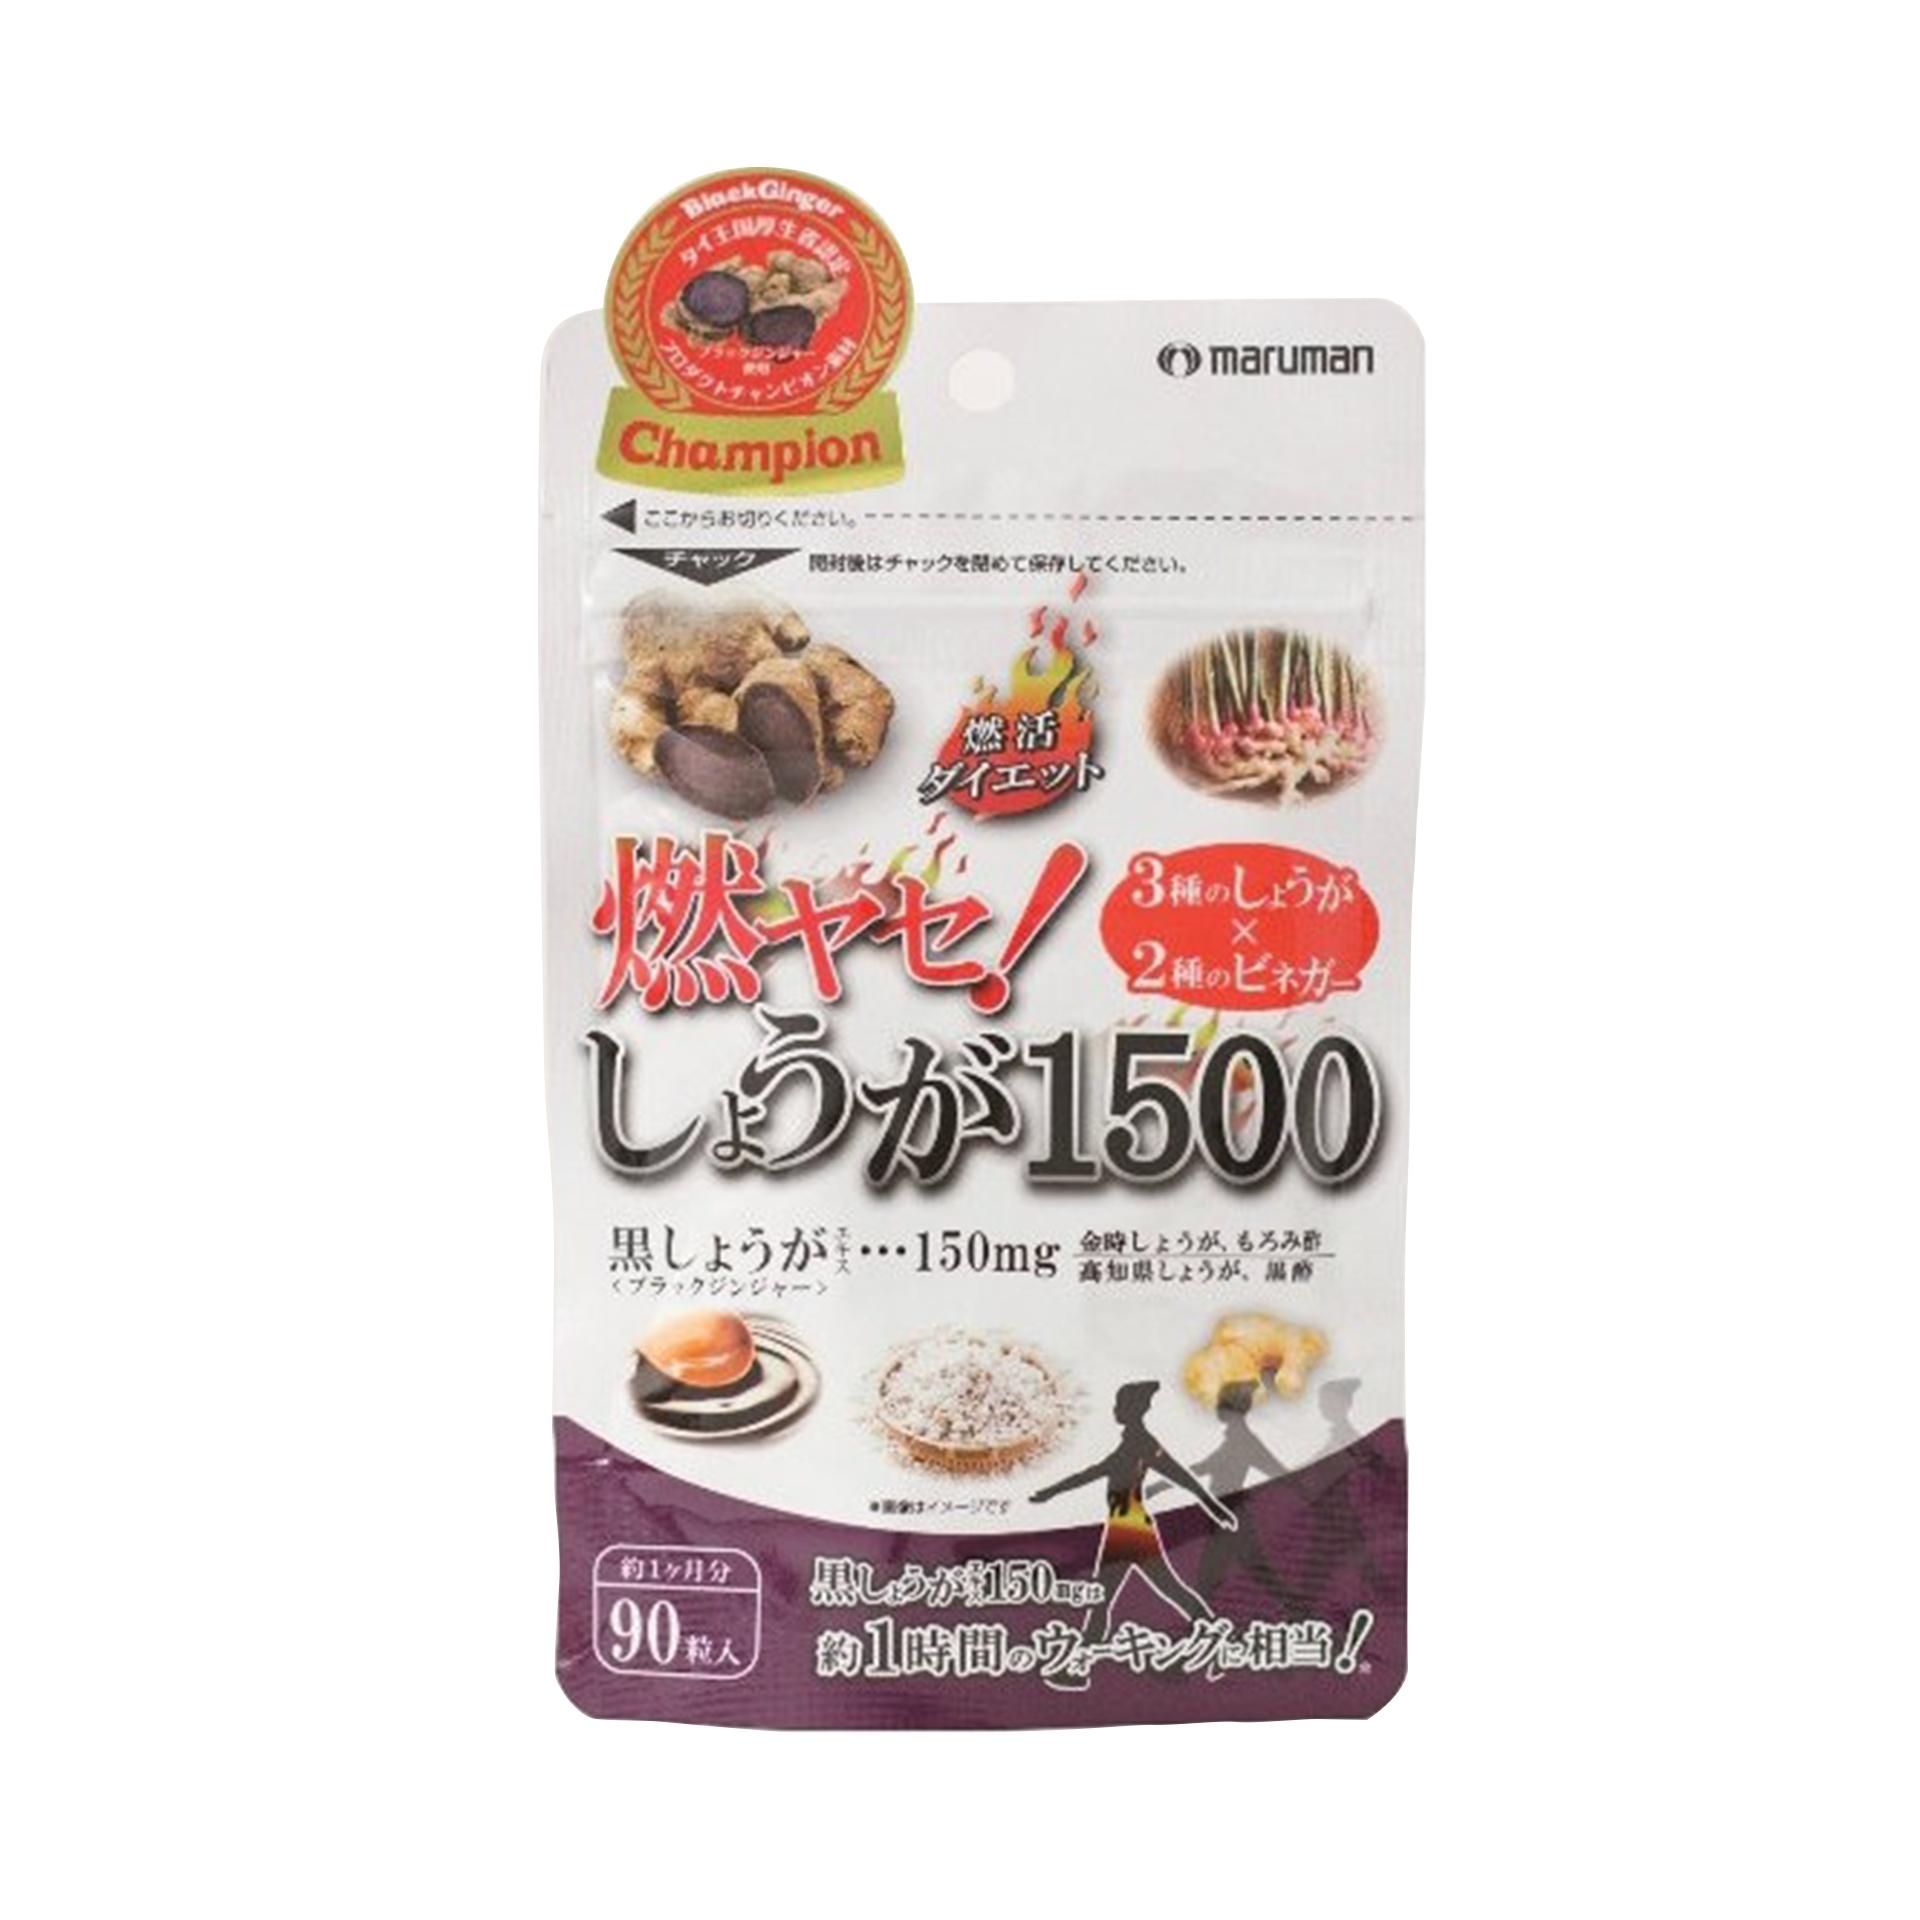 【定期購入】燃ヤセ!しょうが1500<ブラックジンジャー配合>